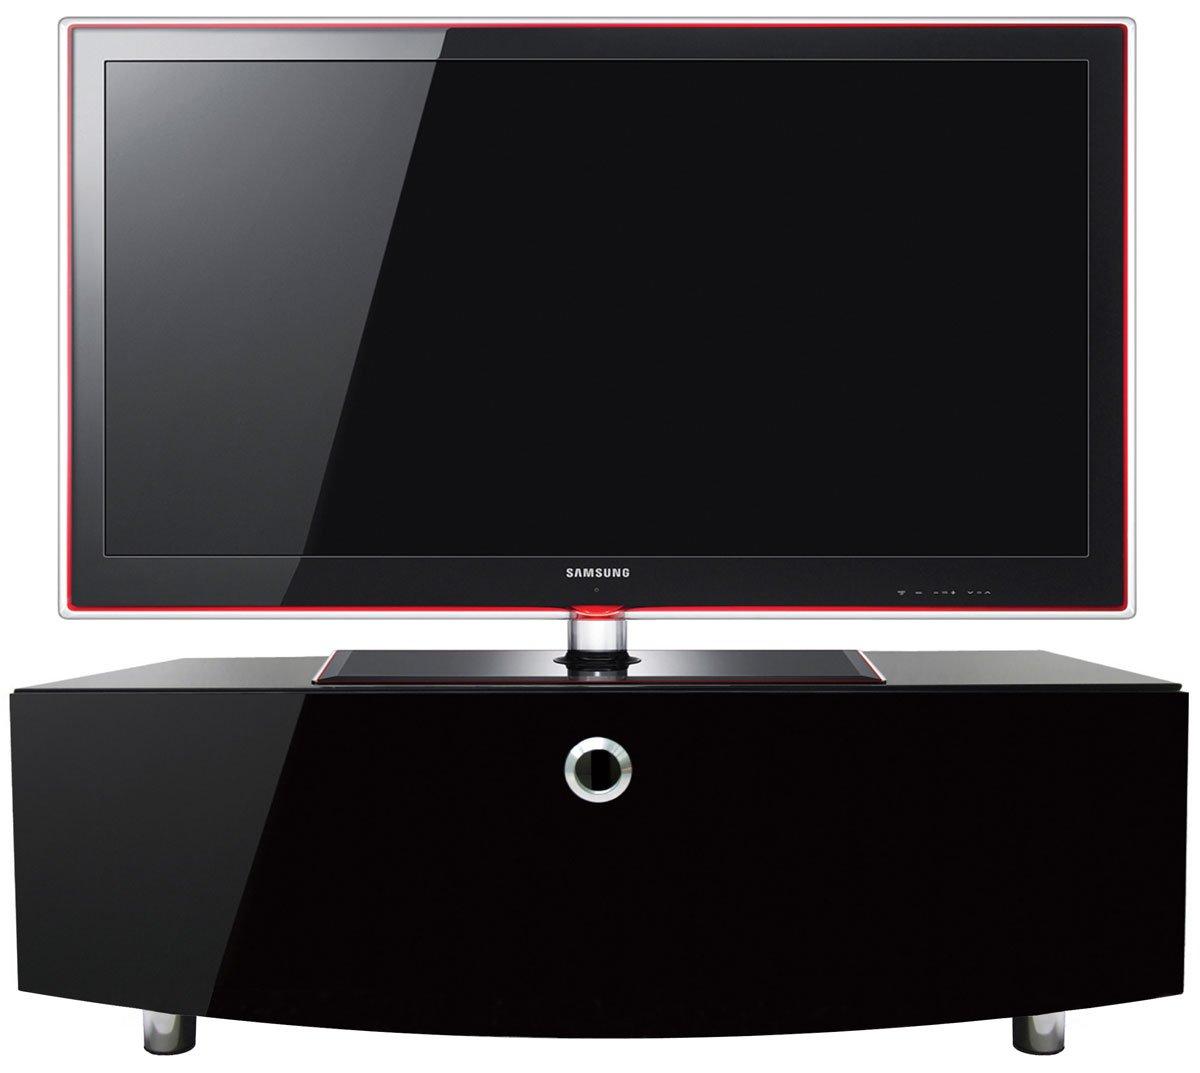 Meubles audio vid o meubles pour toute la maison for Meuble tv ellipse 00381